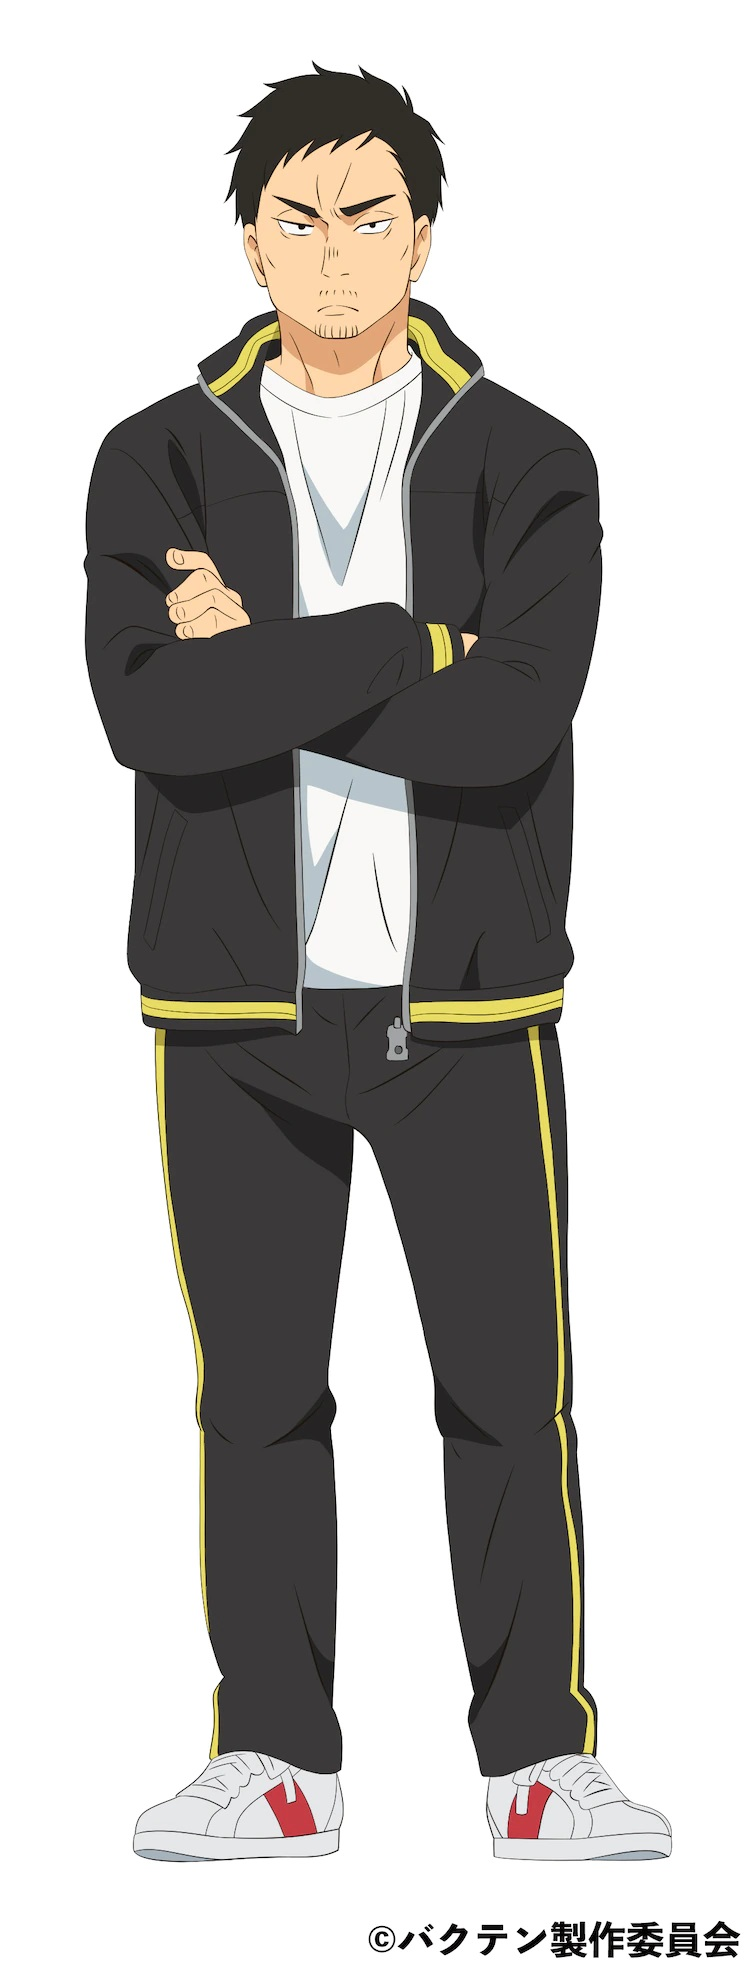 ¡Un escenario de carácter para Shuji Mabuchi, un hombre de aspecto severo de unos treinta años con cabello oscuro, una expresión severa y un fino bigote y perilla que sirve como sofá para el club de gimnasia rítmica masculina de Shiro High School en el próximo Bakuten!  Anime de TV.  Shuji está vestido con un chándal negro con reflejos de rayas amarillas y zapatillas blancas y rojas, y está de pie con los brazos cruzados.